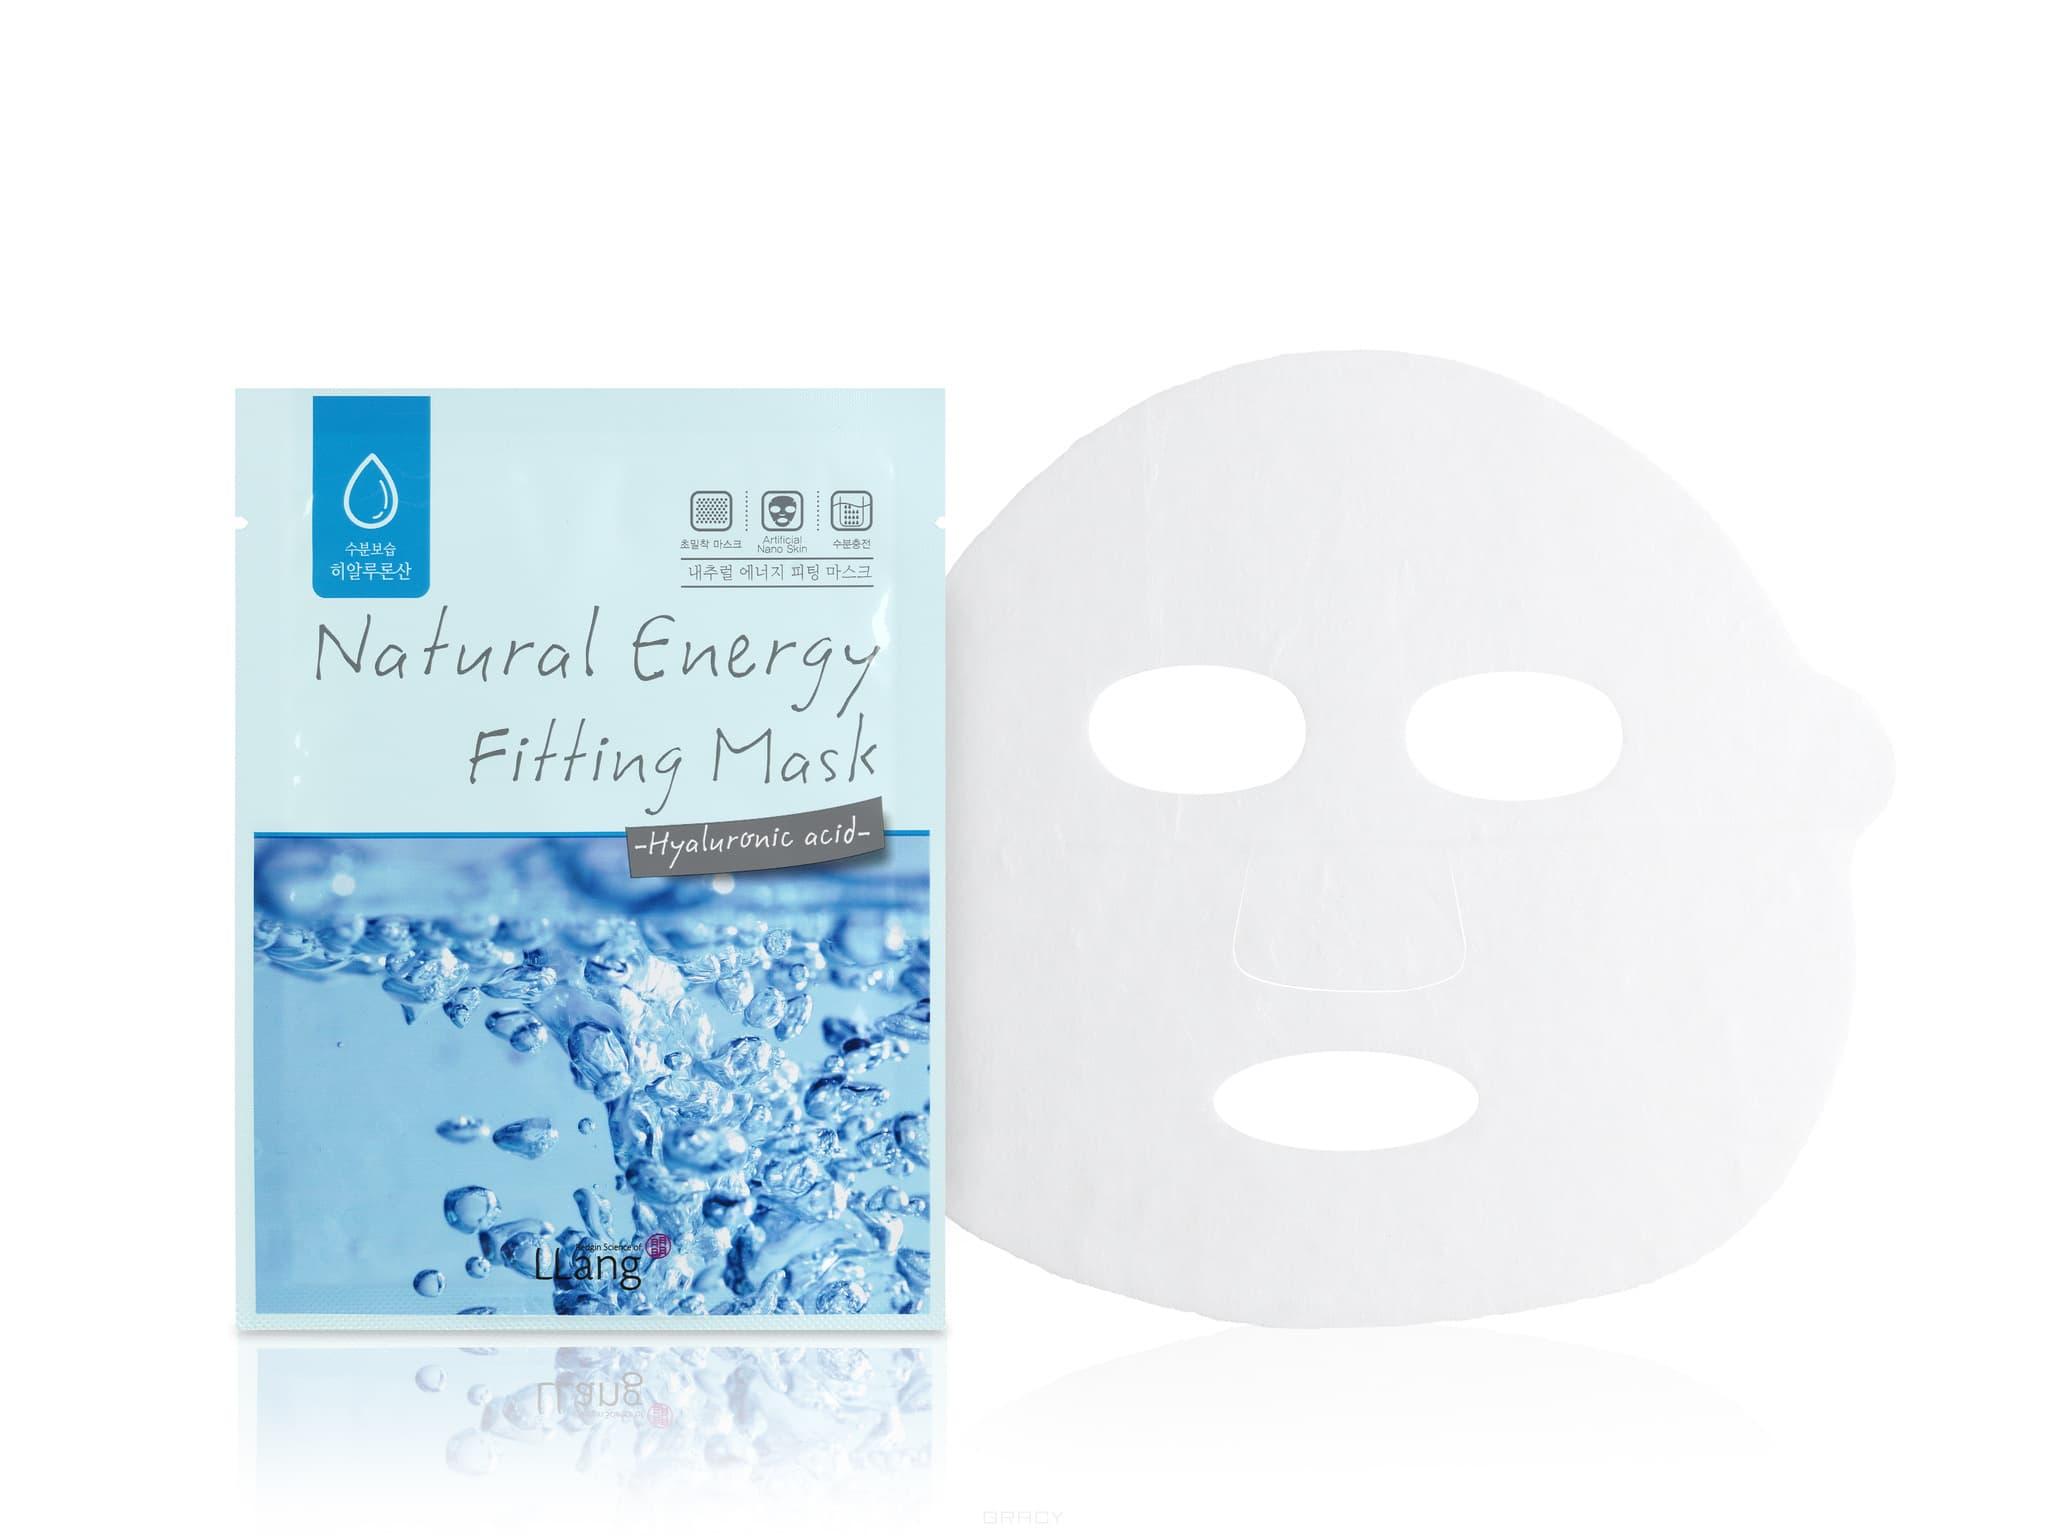 Тканевая маска с гиалуроновой кислотой Natural Energy Fitting Mask (Hyaluronic acid), 20 мл frudia blueberry hydrating natural maintains moisture увлажняющая тканевая маска для лица с экстрактом черники 27 мл